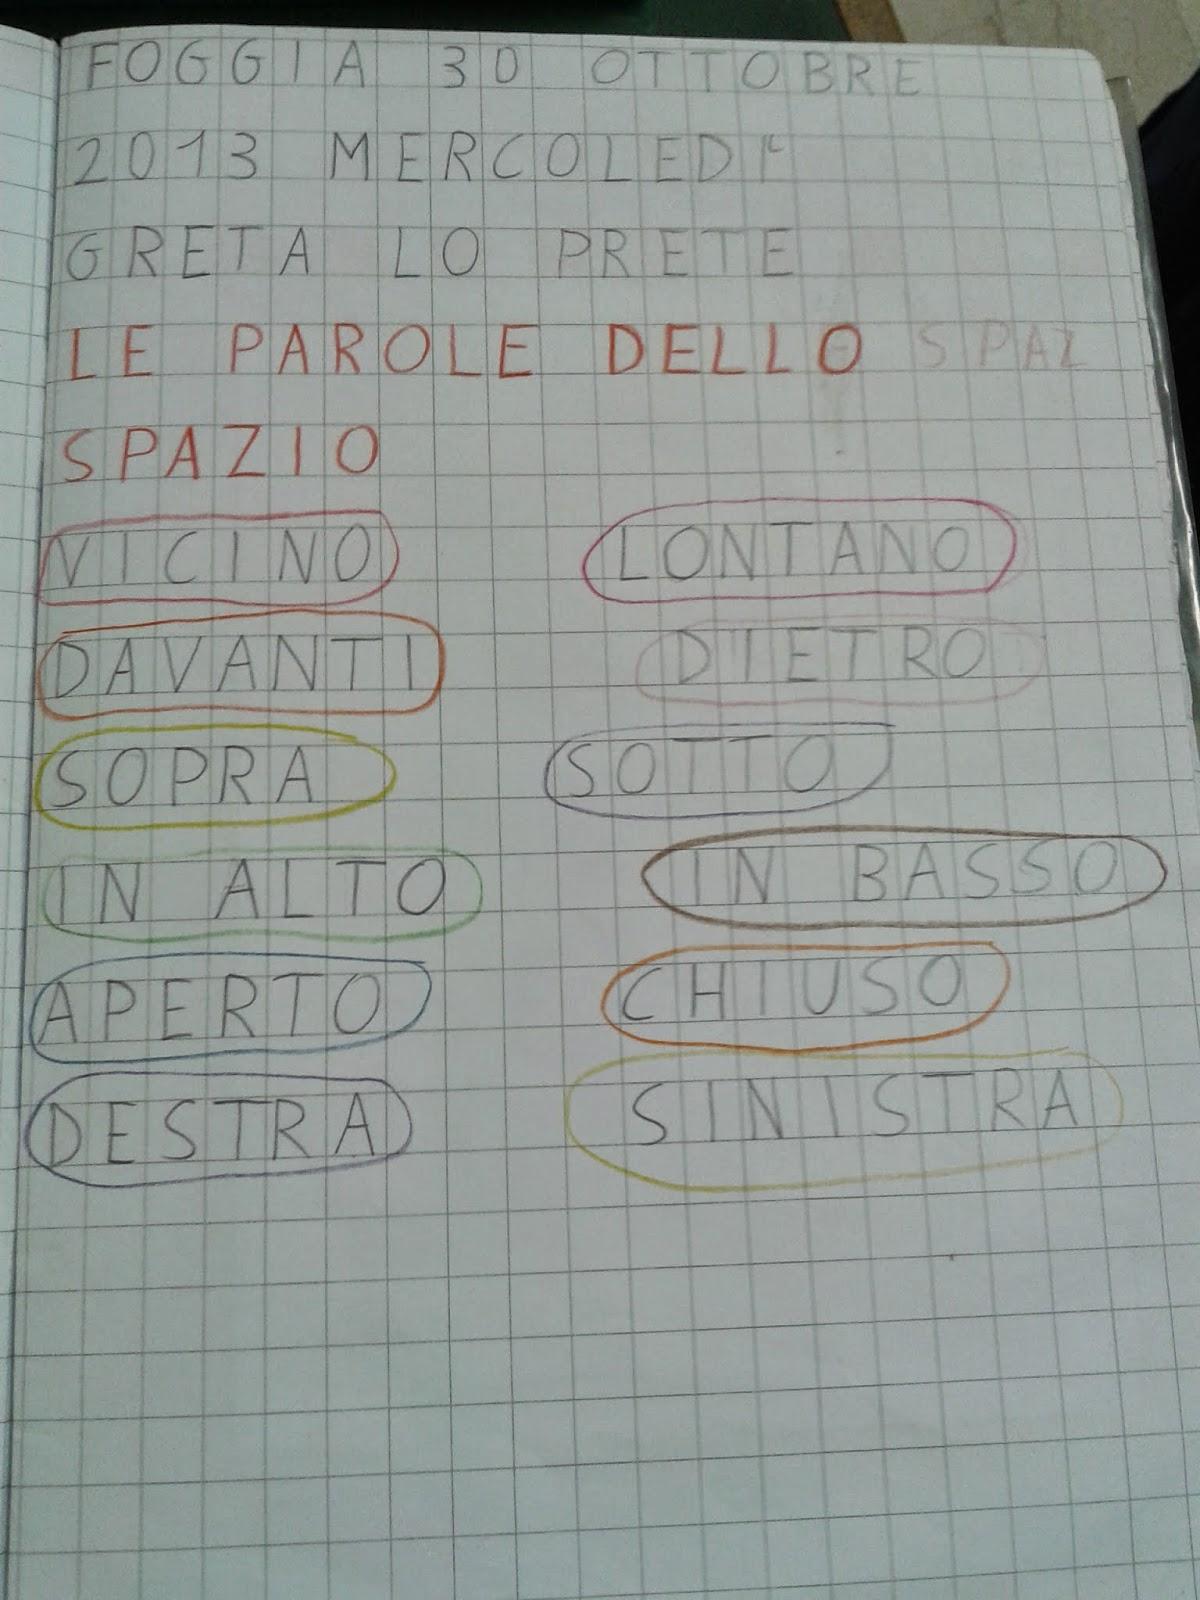 La Maestra Maria Ti Saluta Quaderno Di Geografia Classe 1 As 2013 14